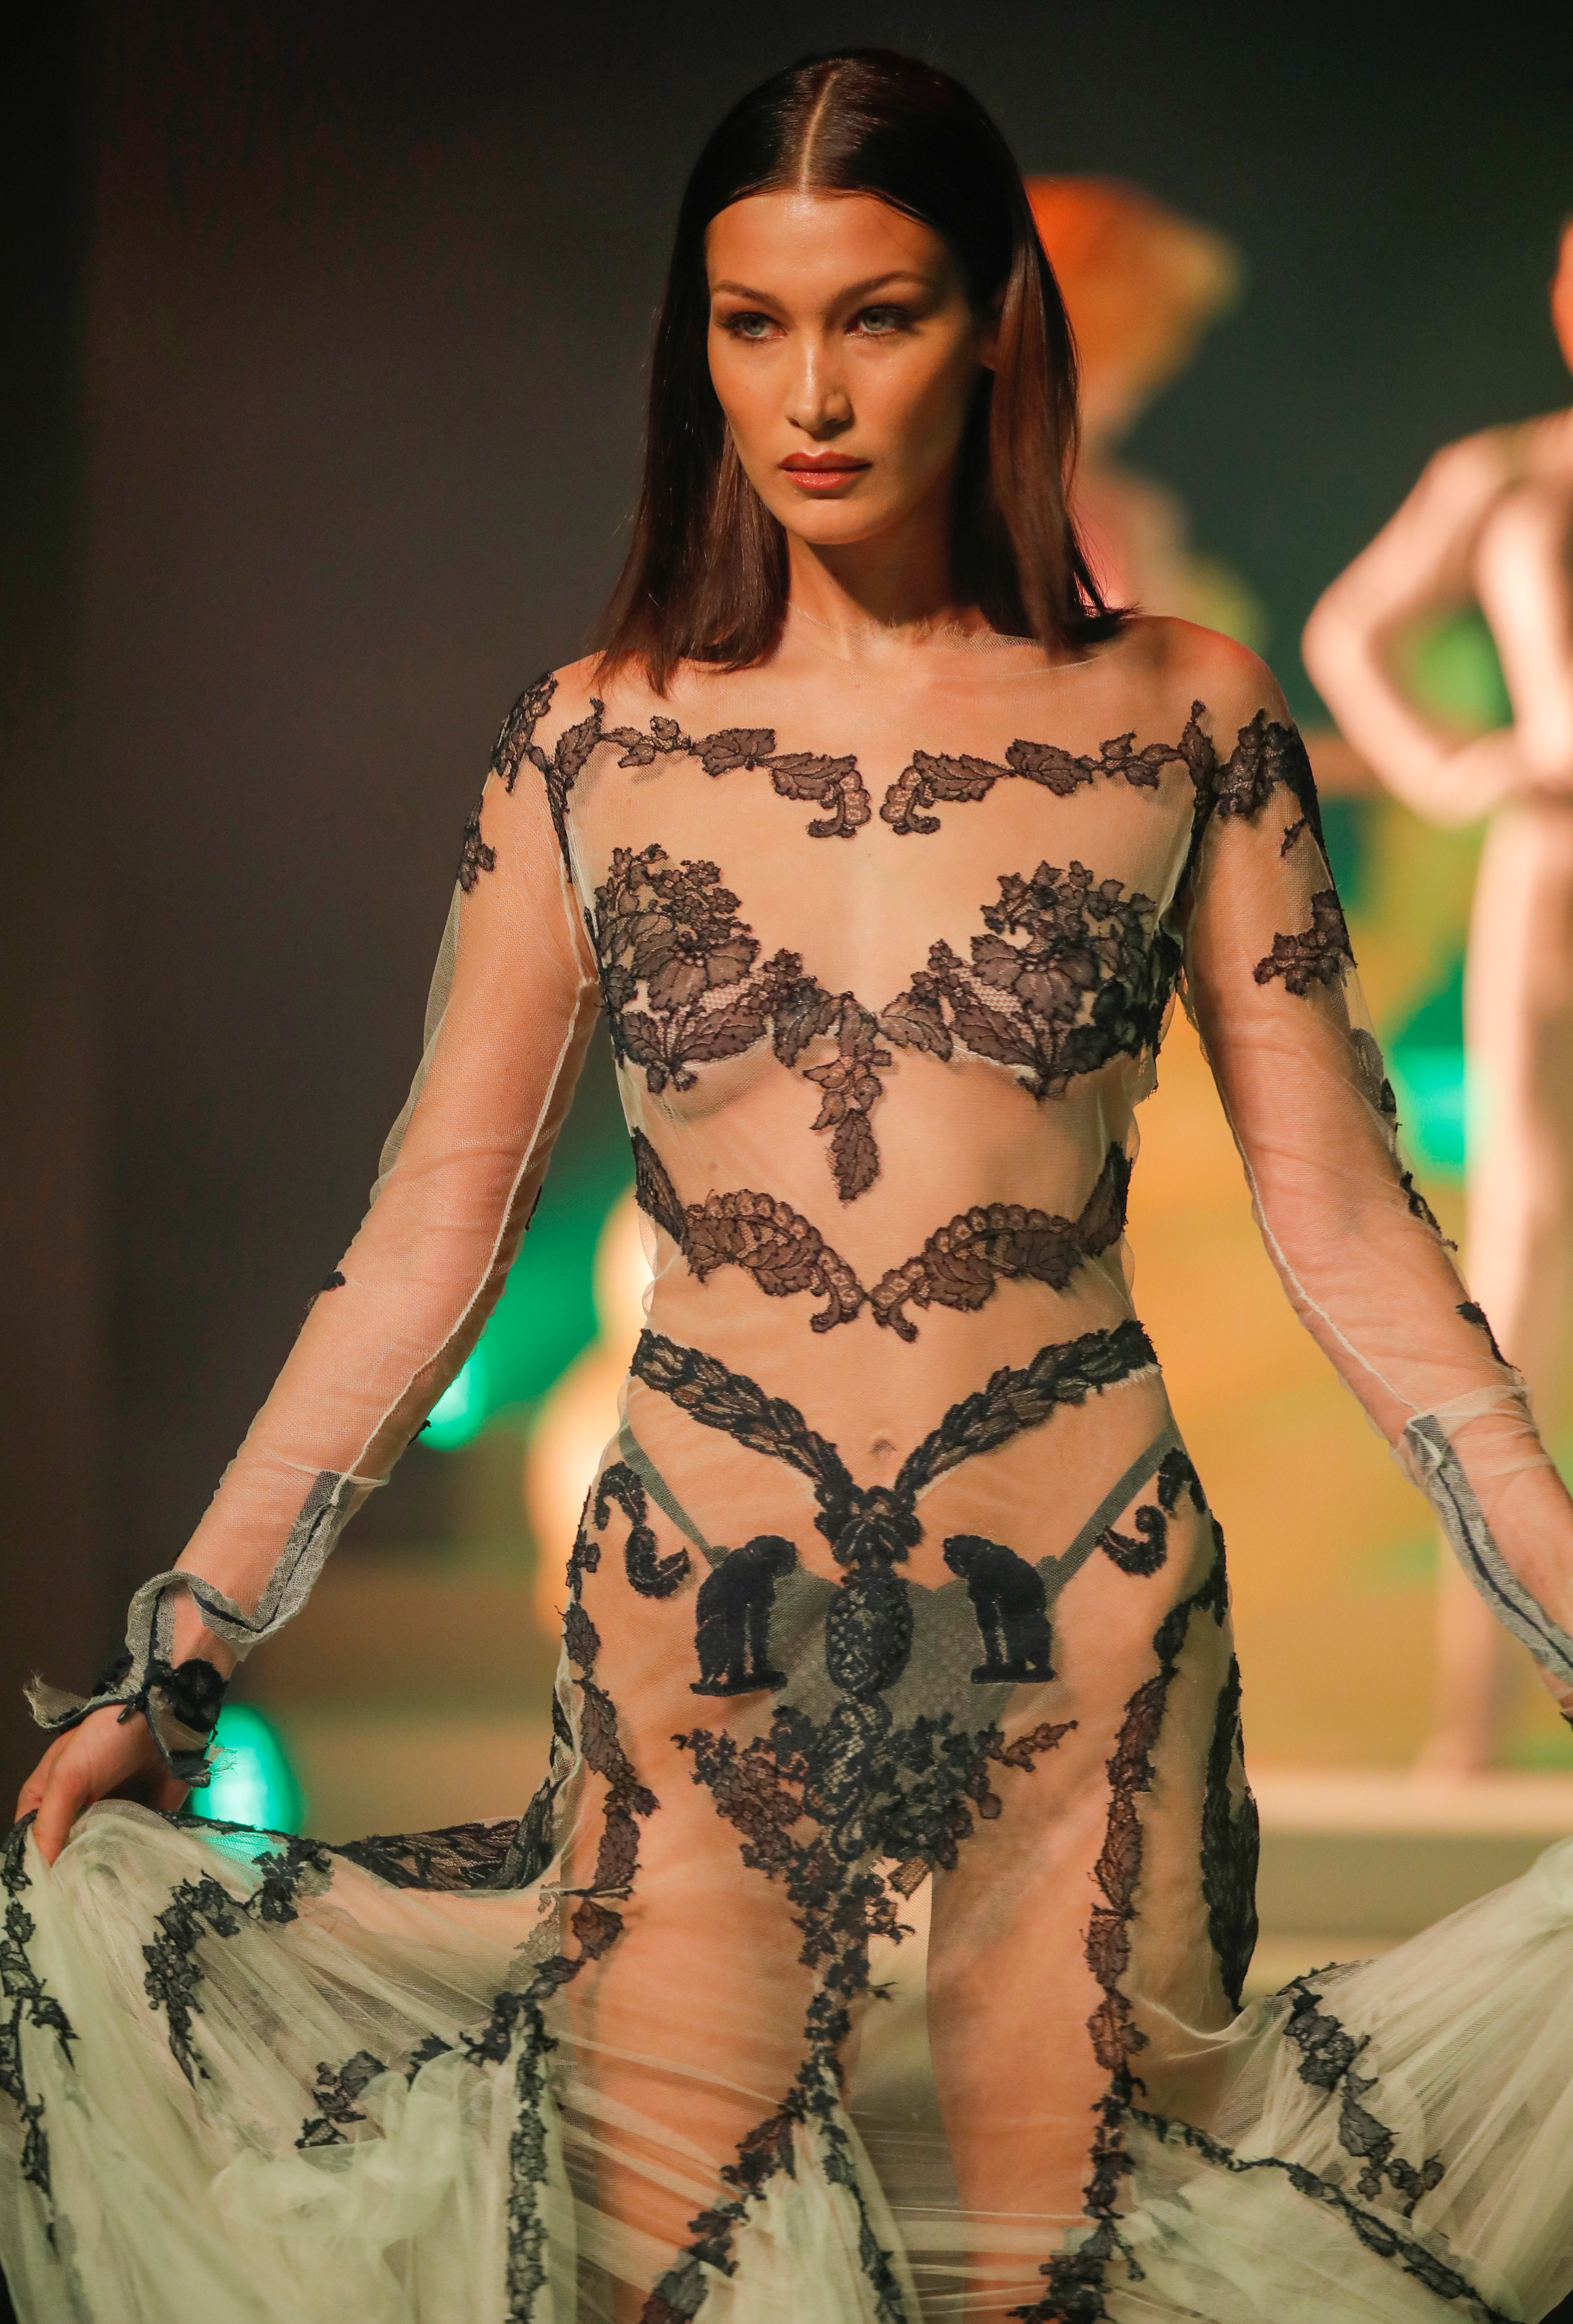 La top model Bella Hadid dijo presente en la semana de alta costura y en el último desfile de Jean Paul luciendo un vestido de seda y encaje transparente